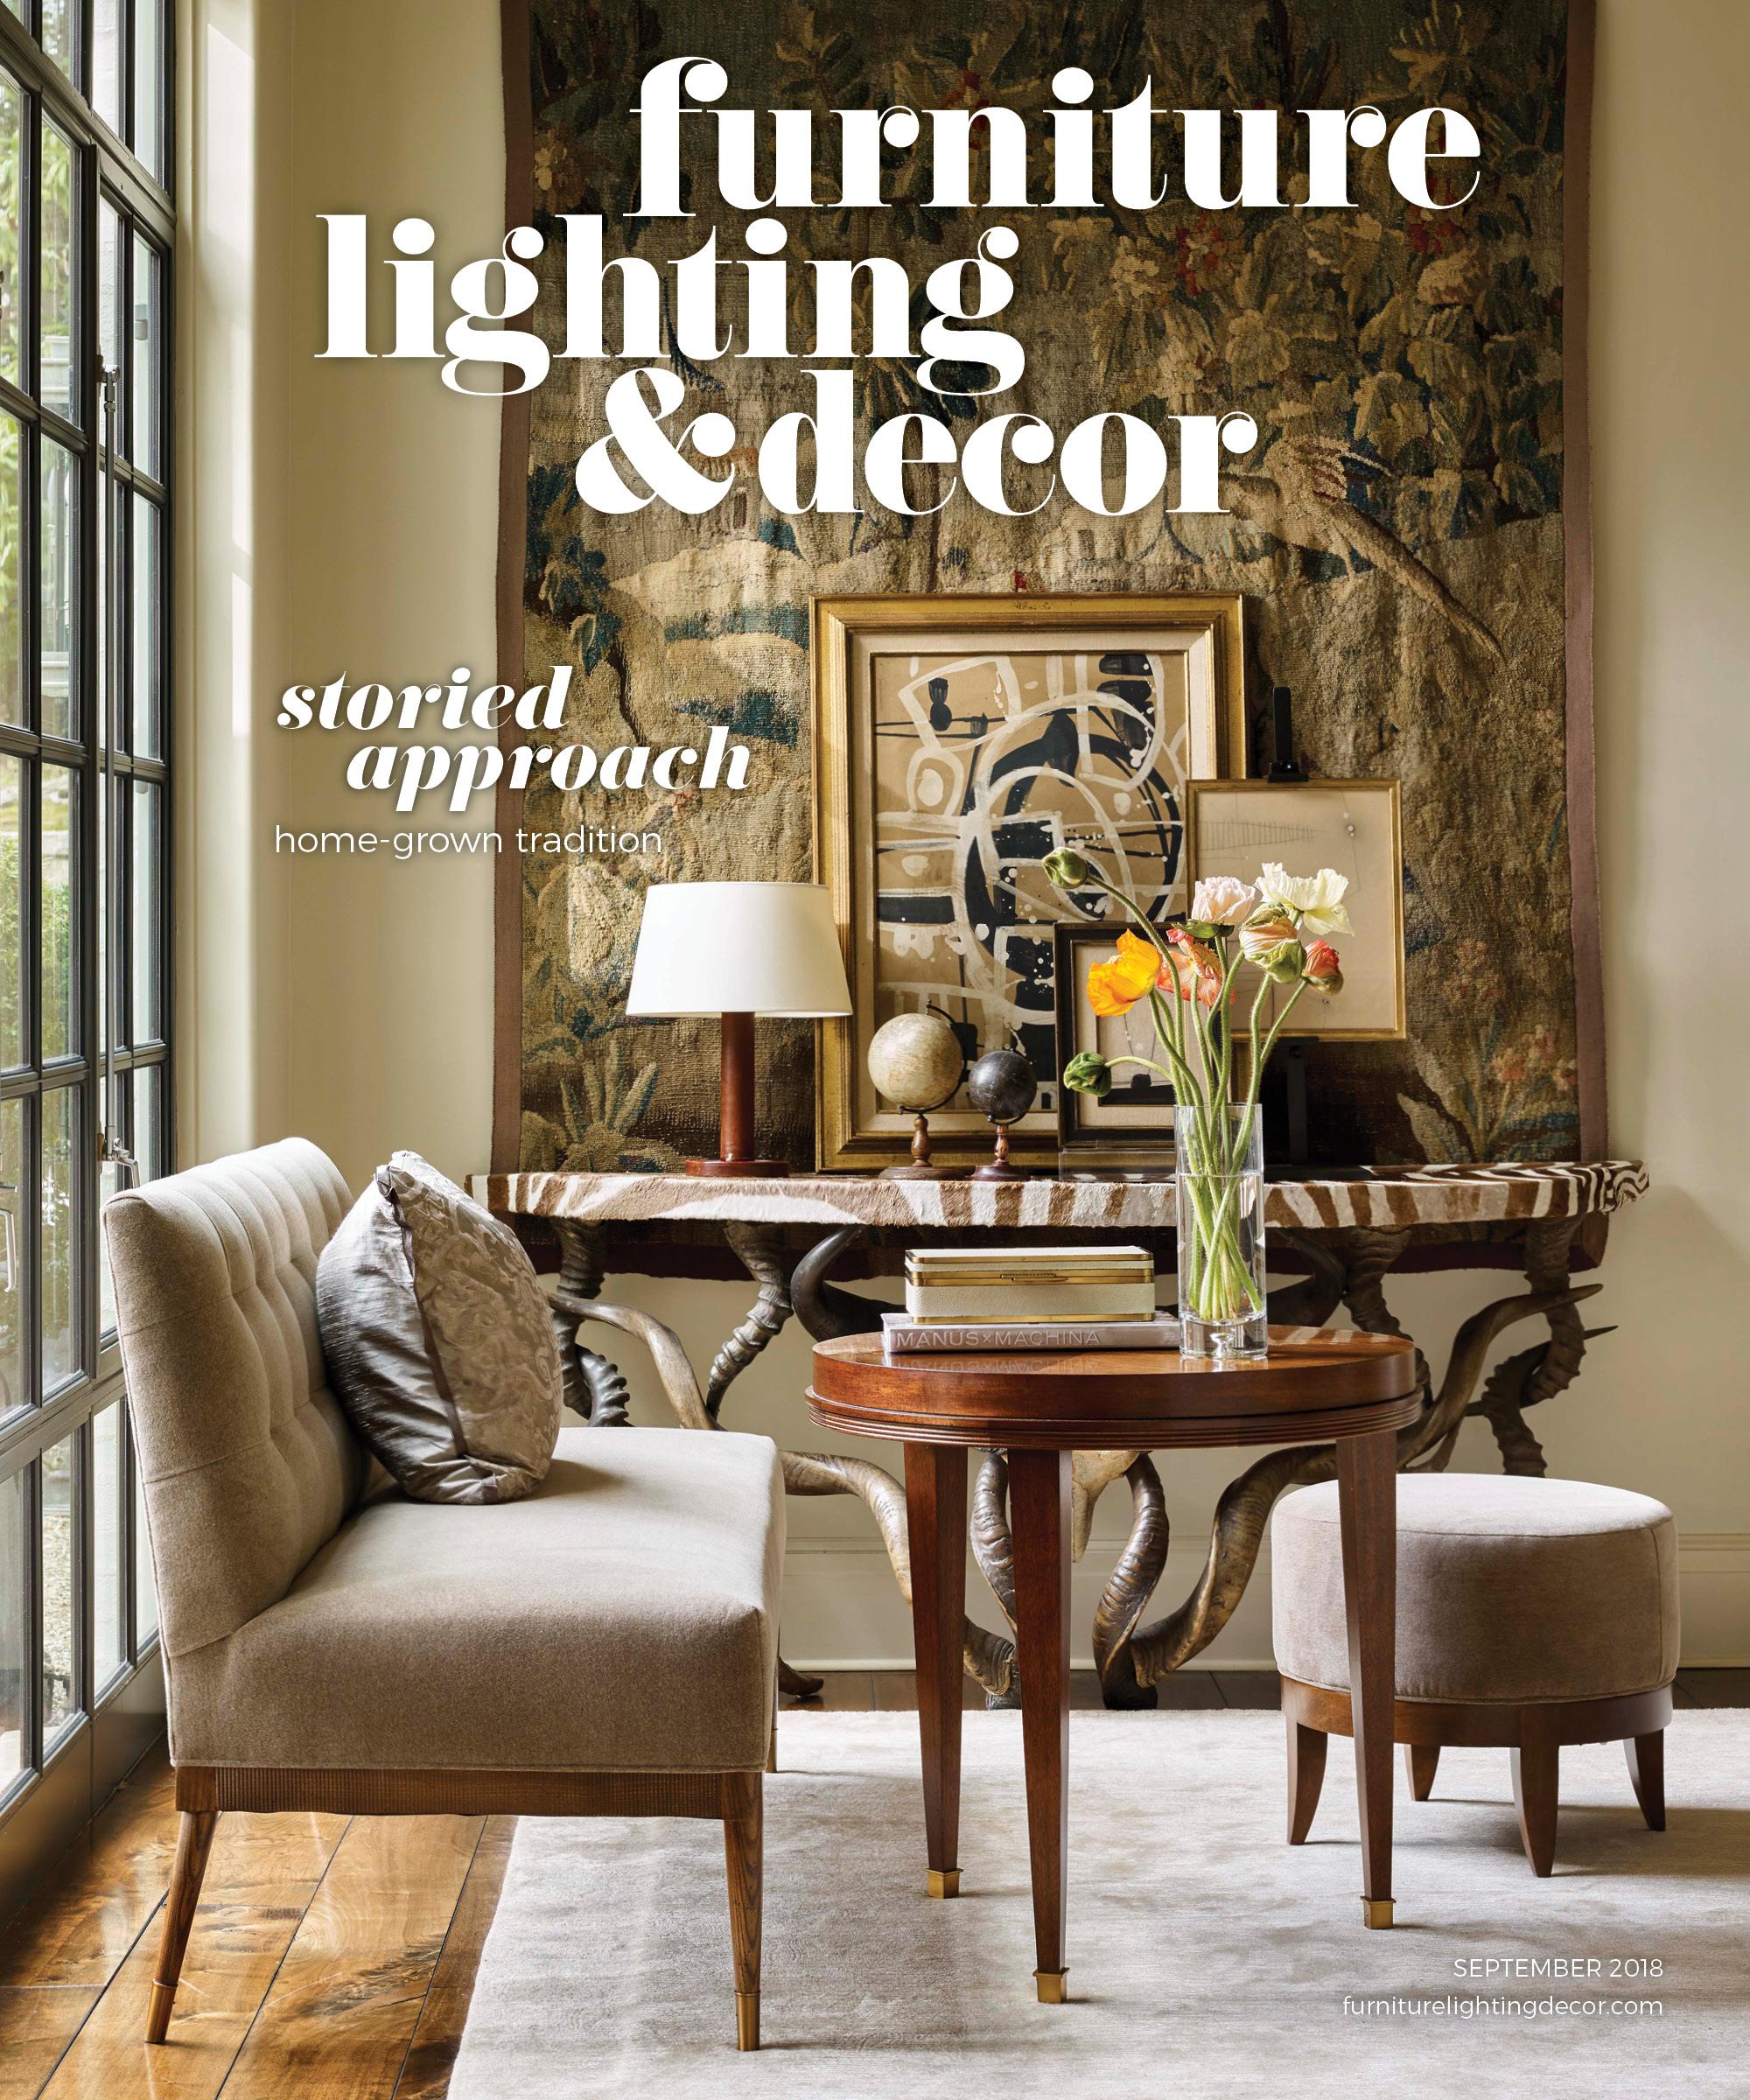 September Furniture Lighting & Decor